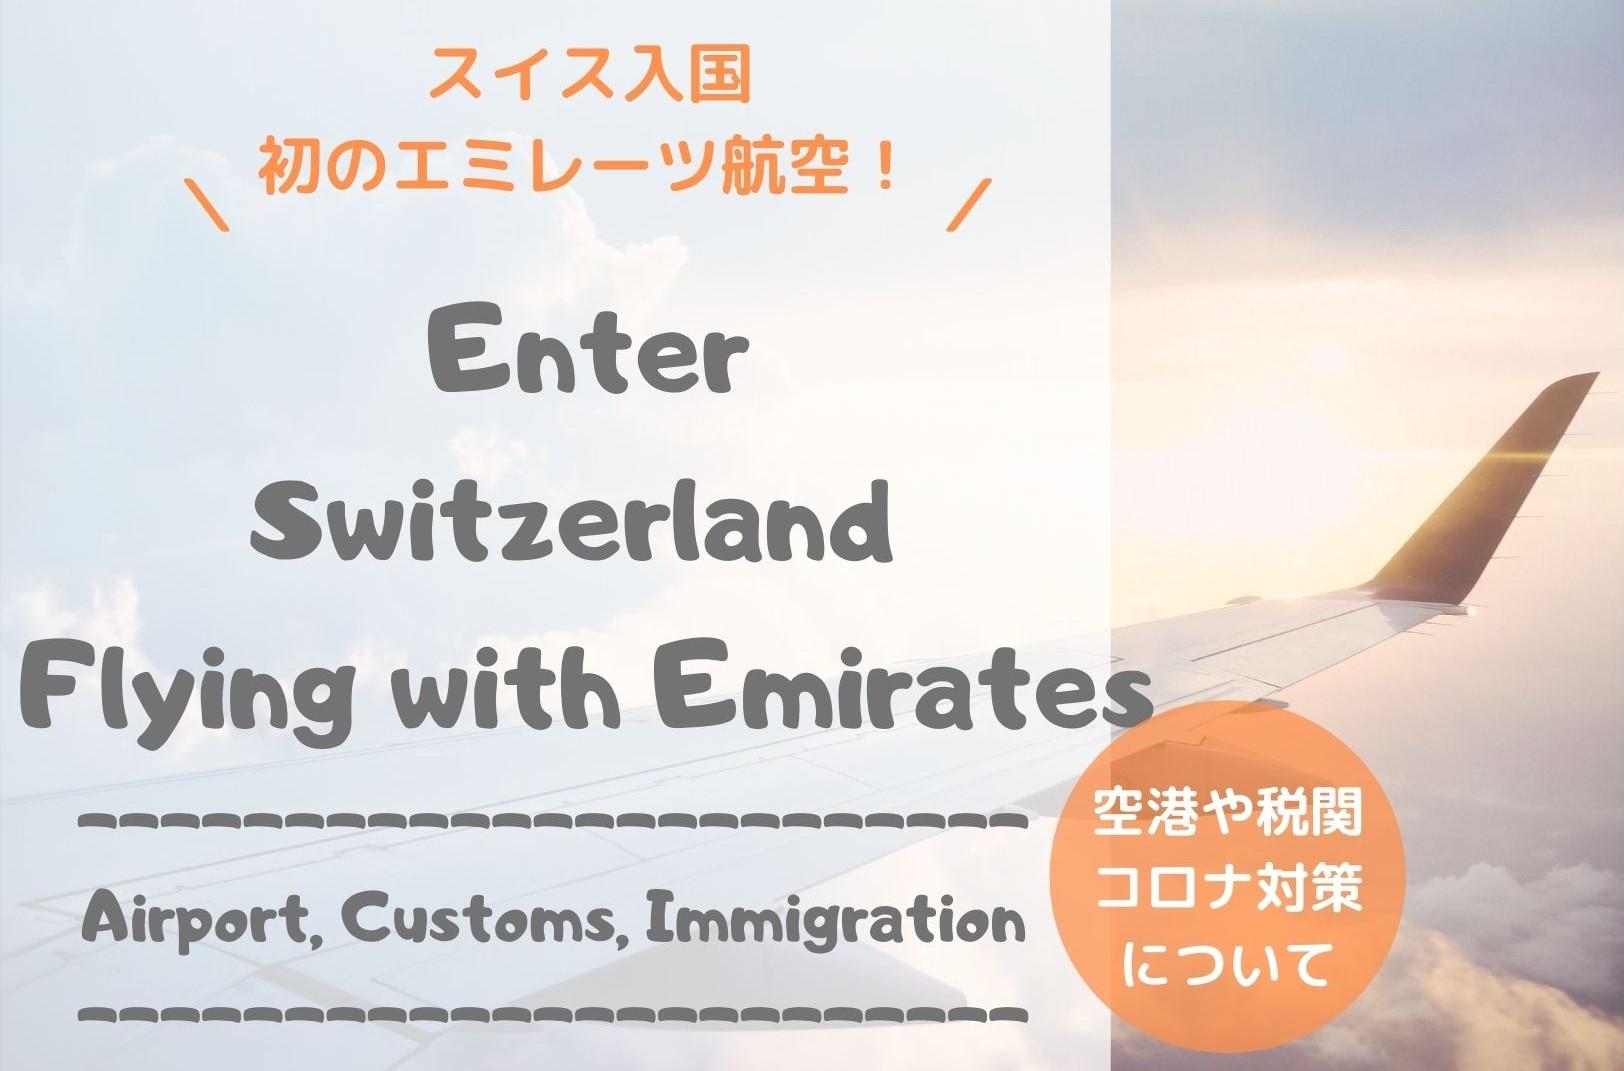 【スイス入国】日本からチューリッヒへ!エミレーツ航空で行く | ~ Que Sera Sera ~